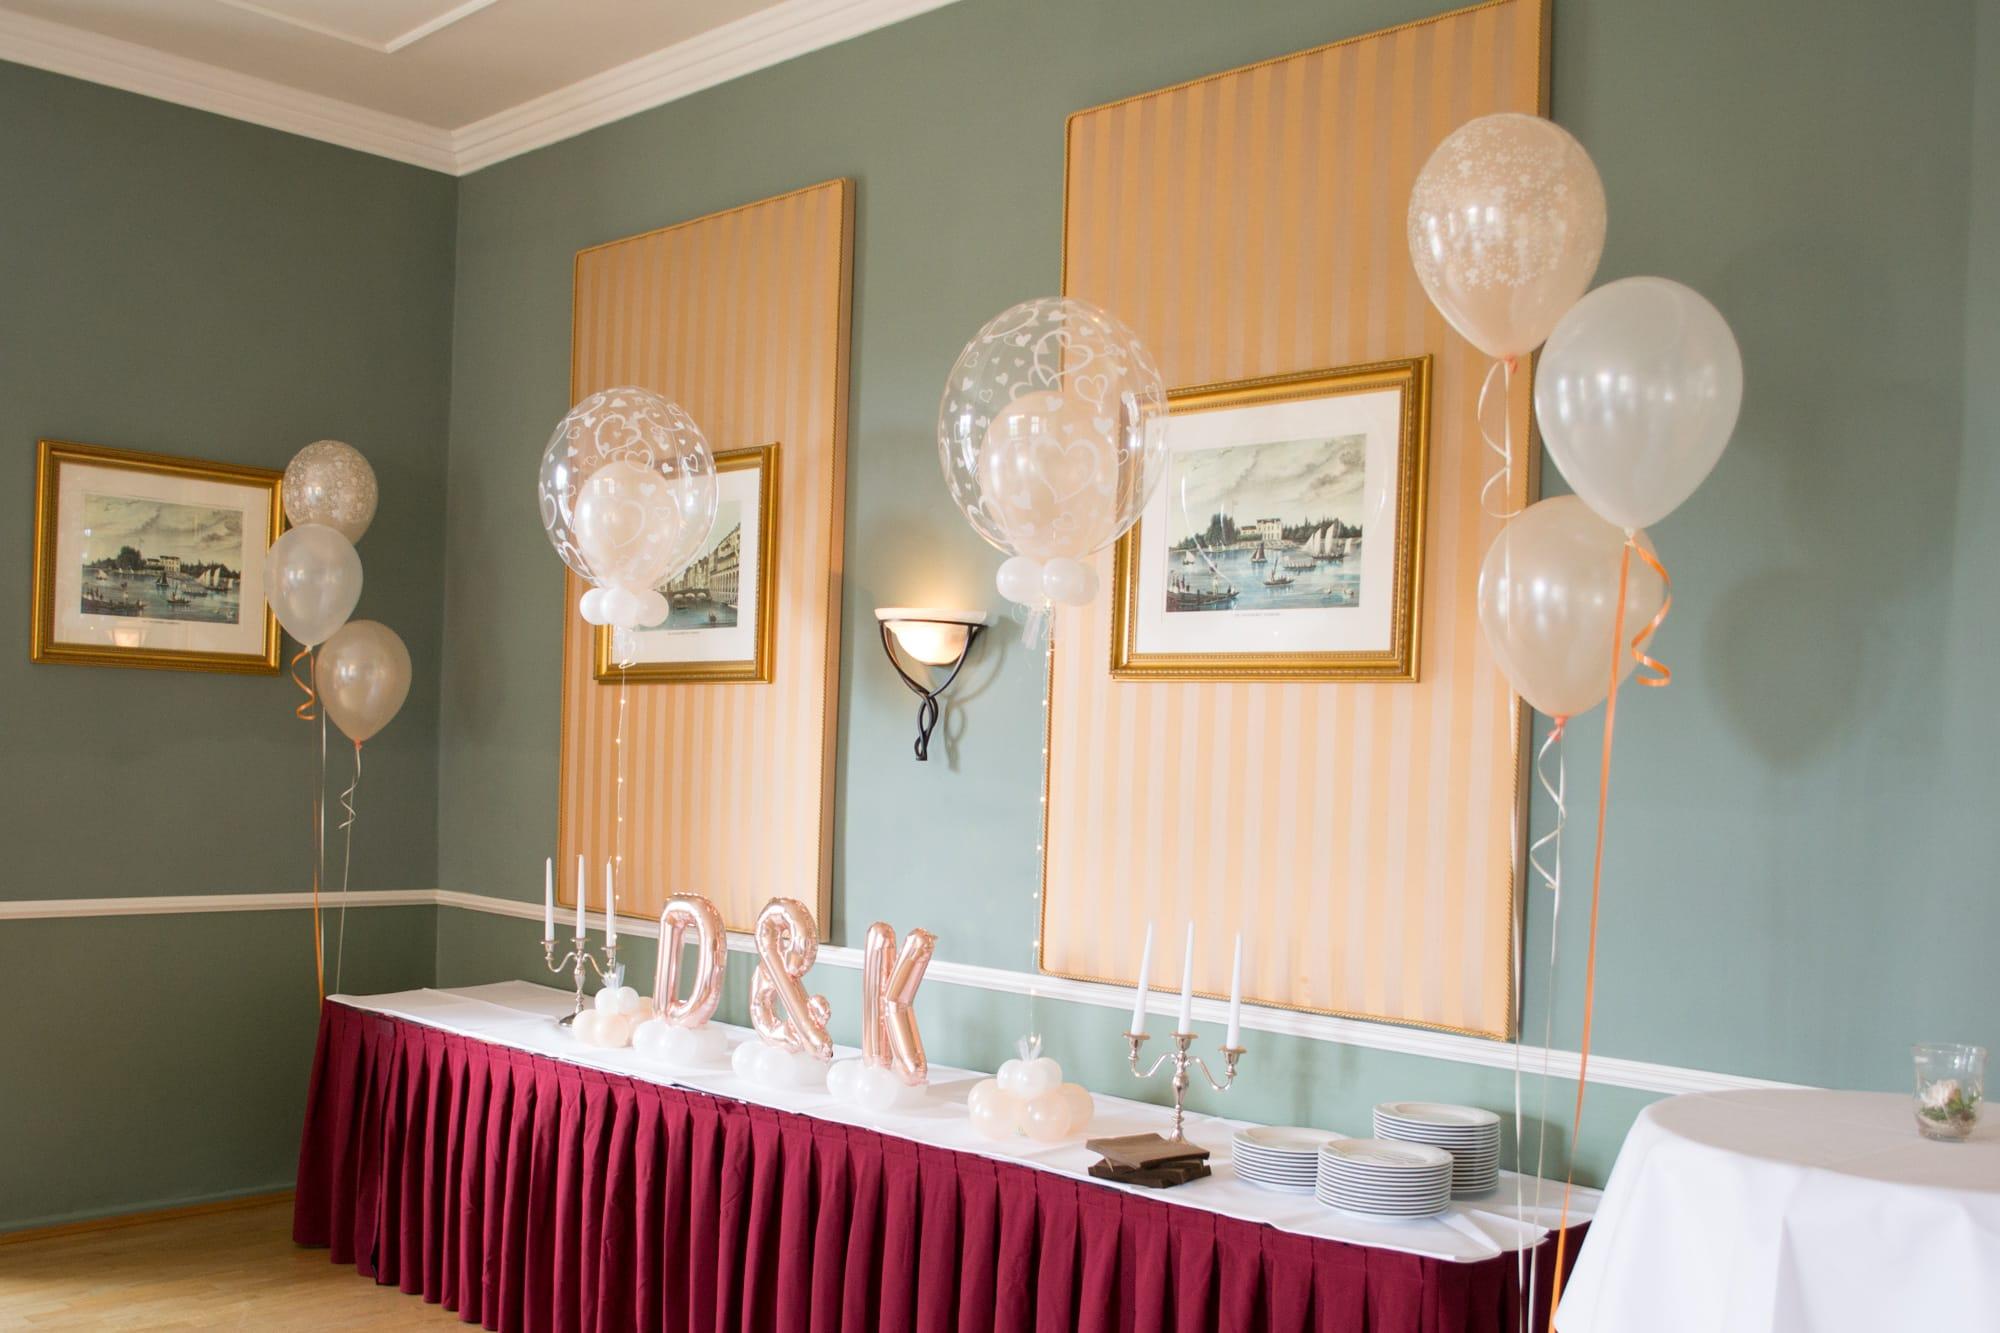 Dekoration aus luftballons lufties ballons for Brauttisch deko